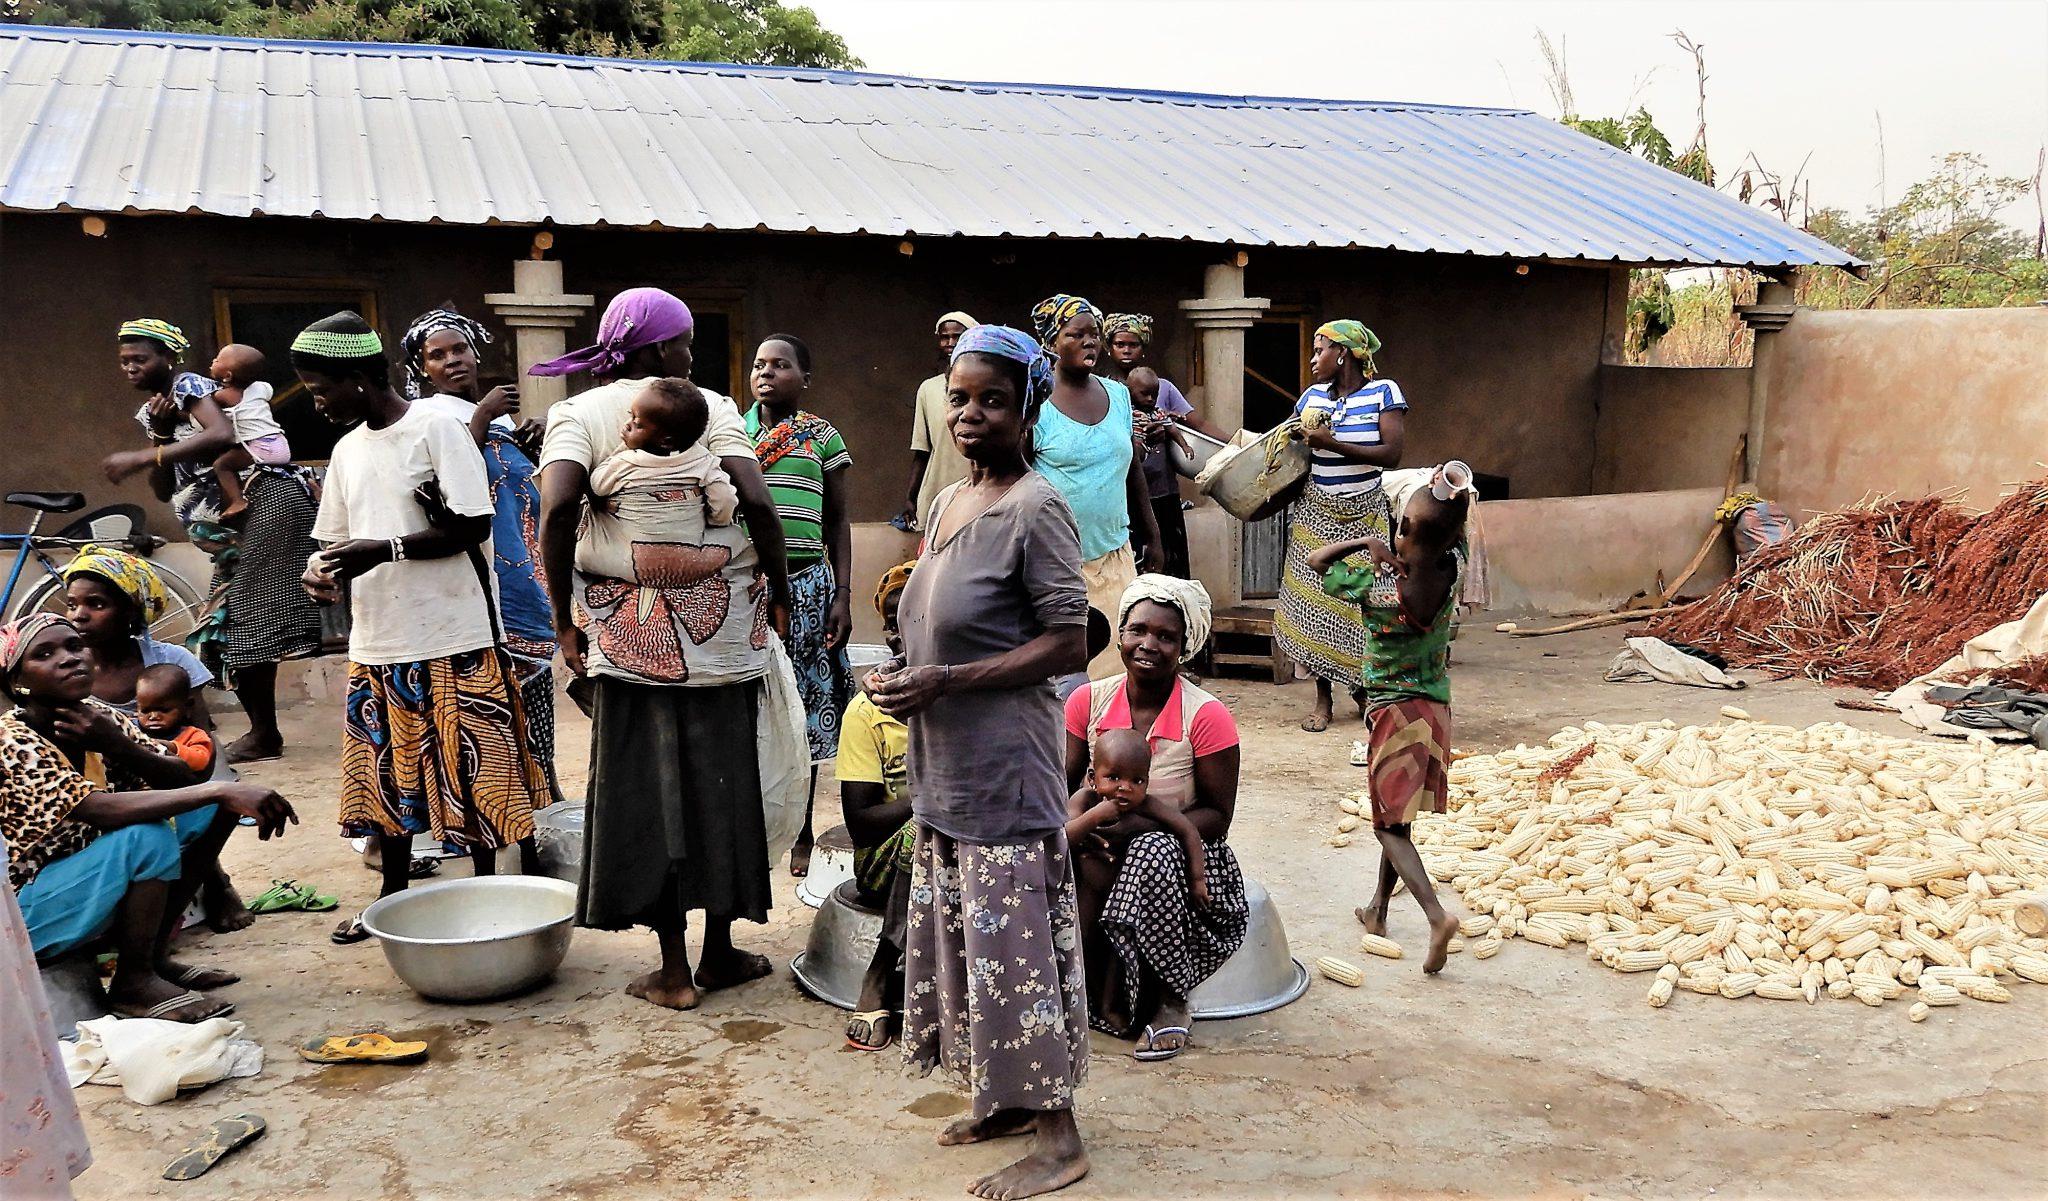 Pora żniw. W Togo nadal niemal 70 procent społeczeństwa utrzymuje się z rolnictwa. Dominują proste uprawy, a podstawą codziennego menu jest kukurydza, proso, fasola. Koszt dziennego wyżywienia jednej osoby to mniej niż równowartość złotówki.